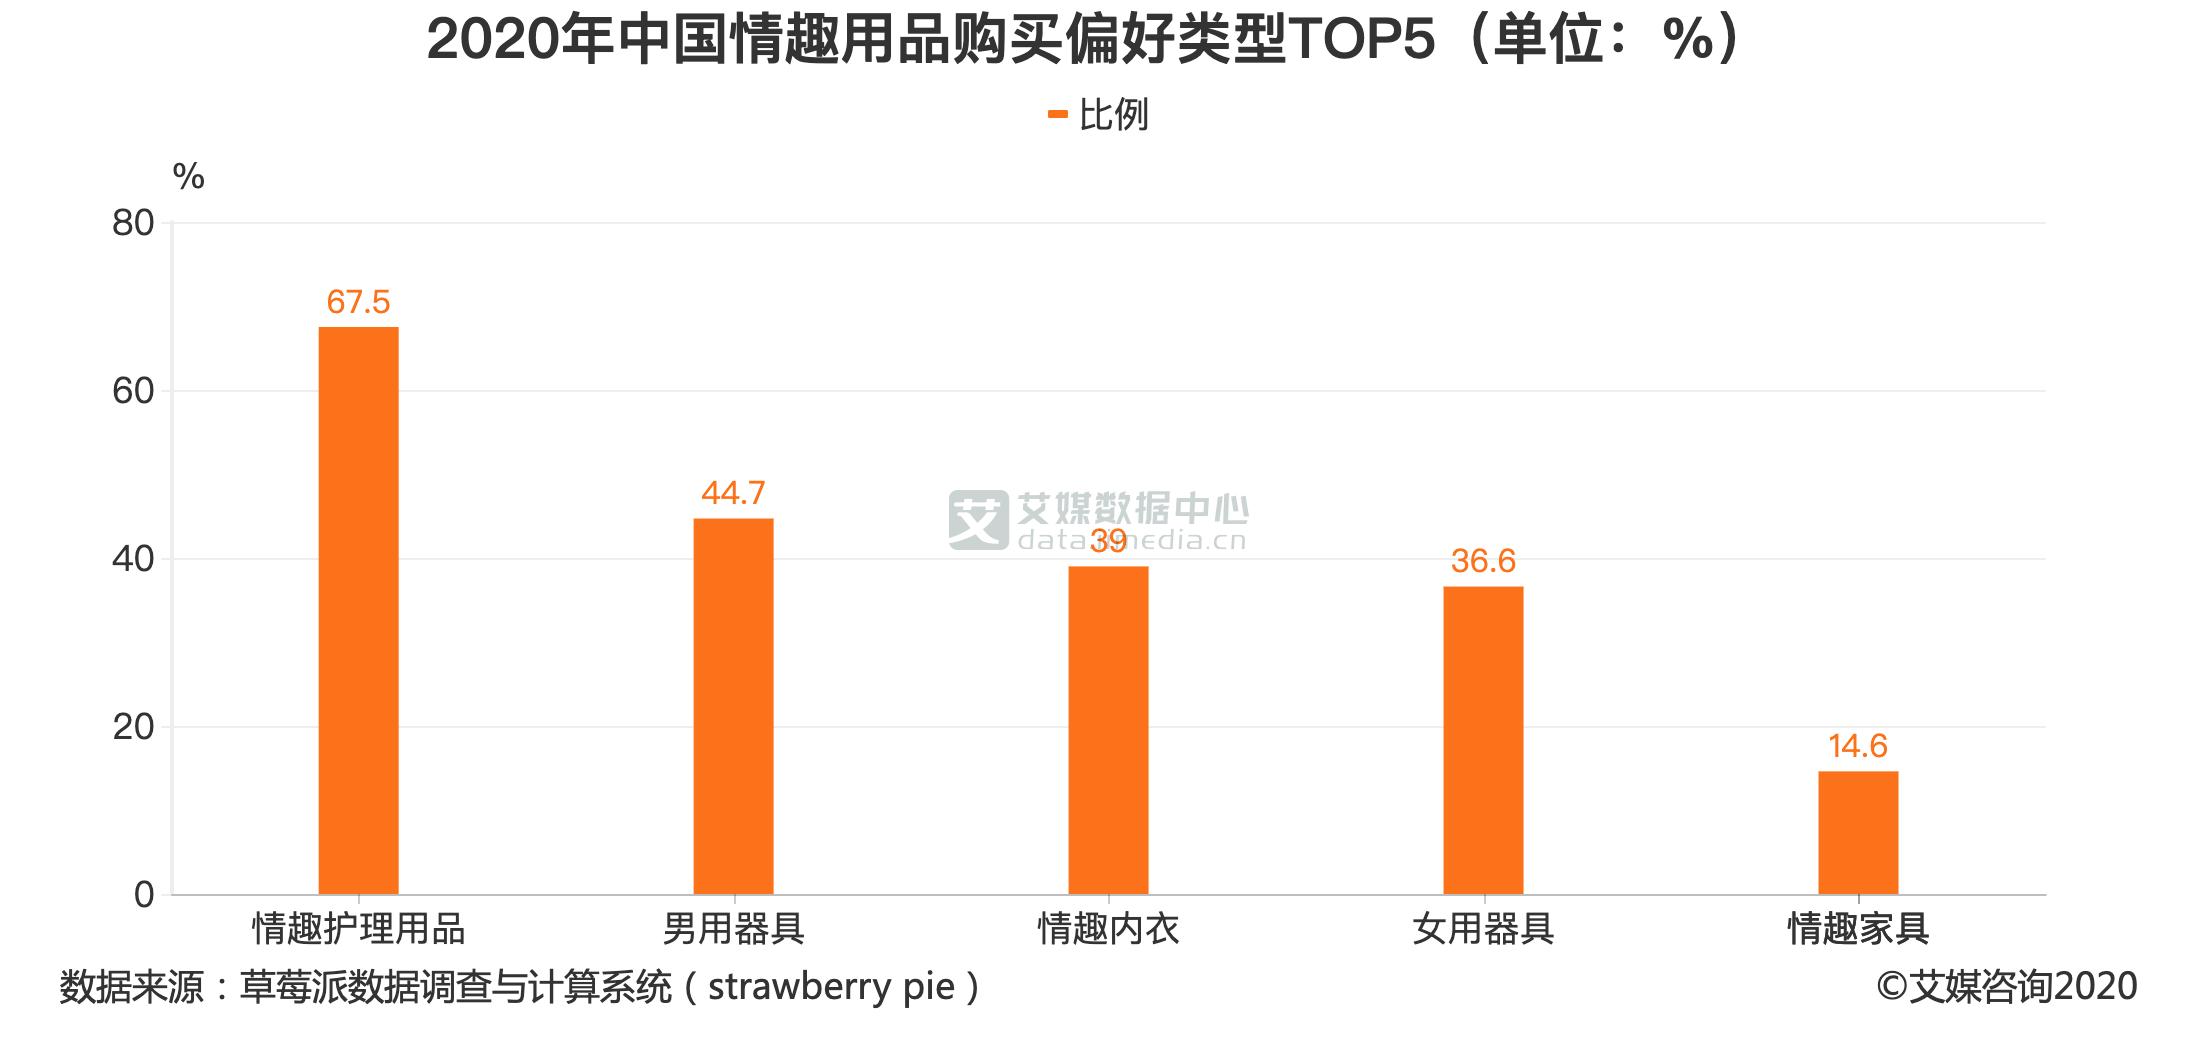 2020年中国情趣用品购买偏好类型TOP5(单位:%)